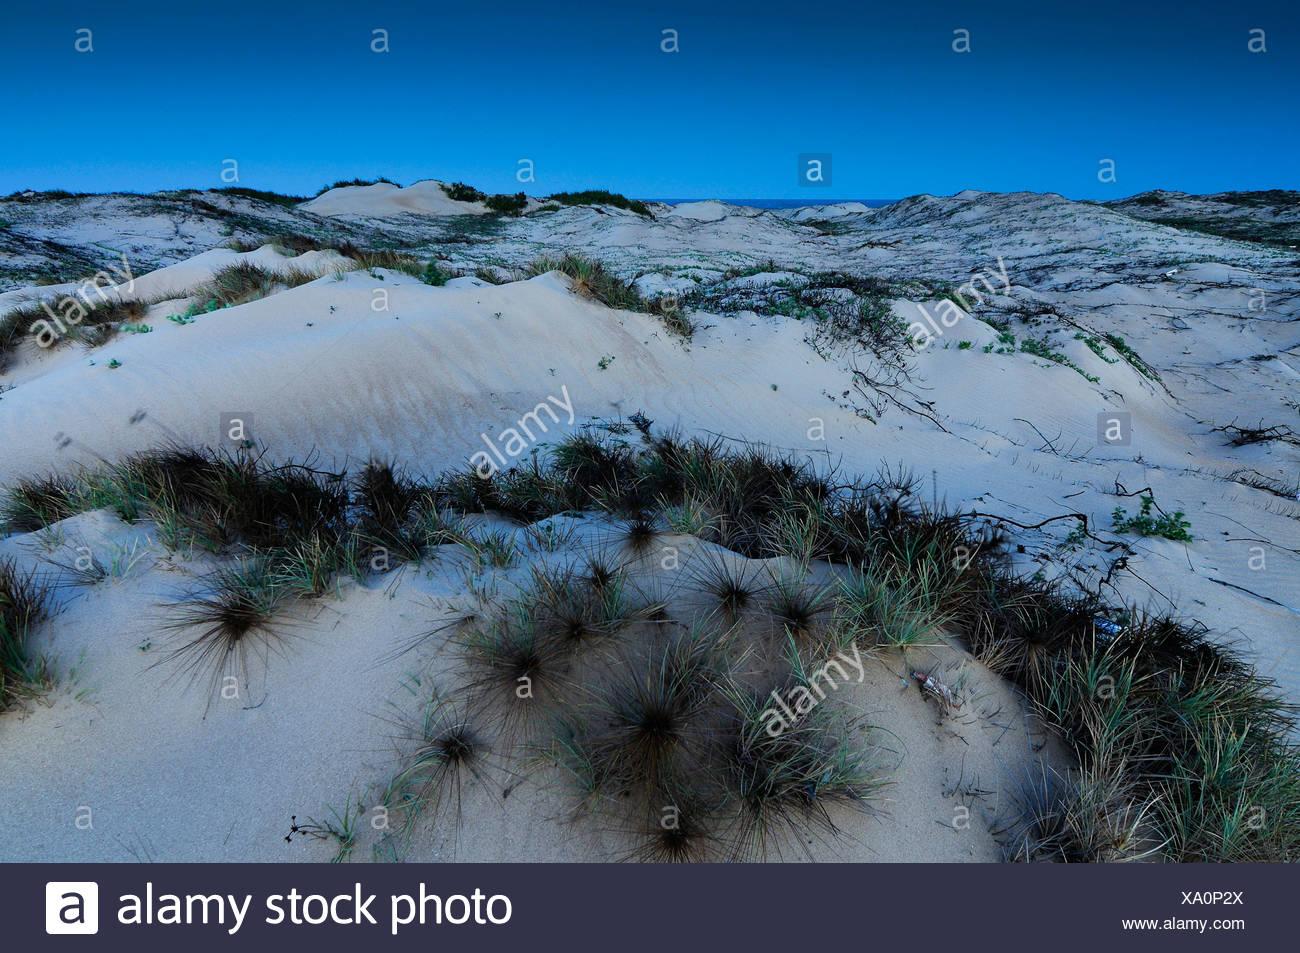 Moonlit dunes, Ke Ga, Vietnam, Asia - Stock Image